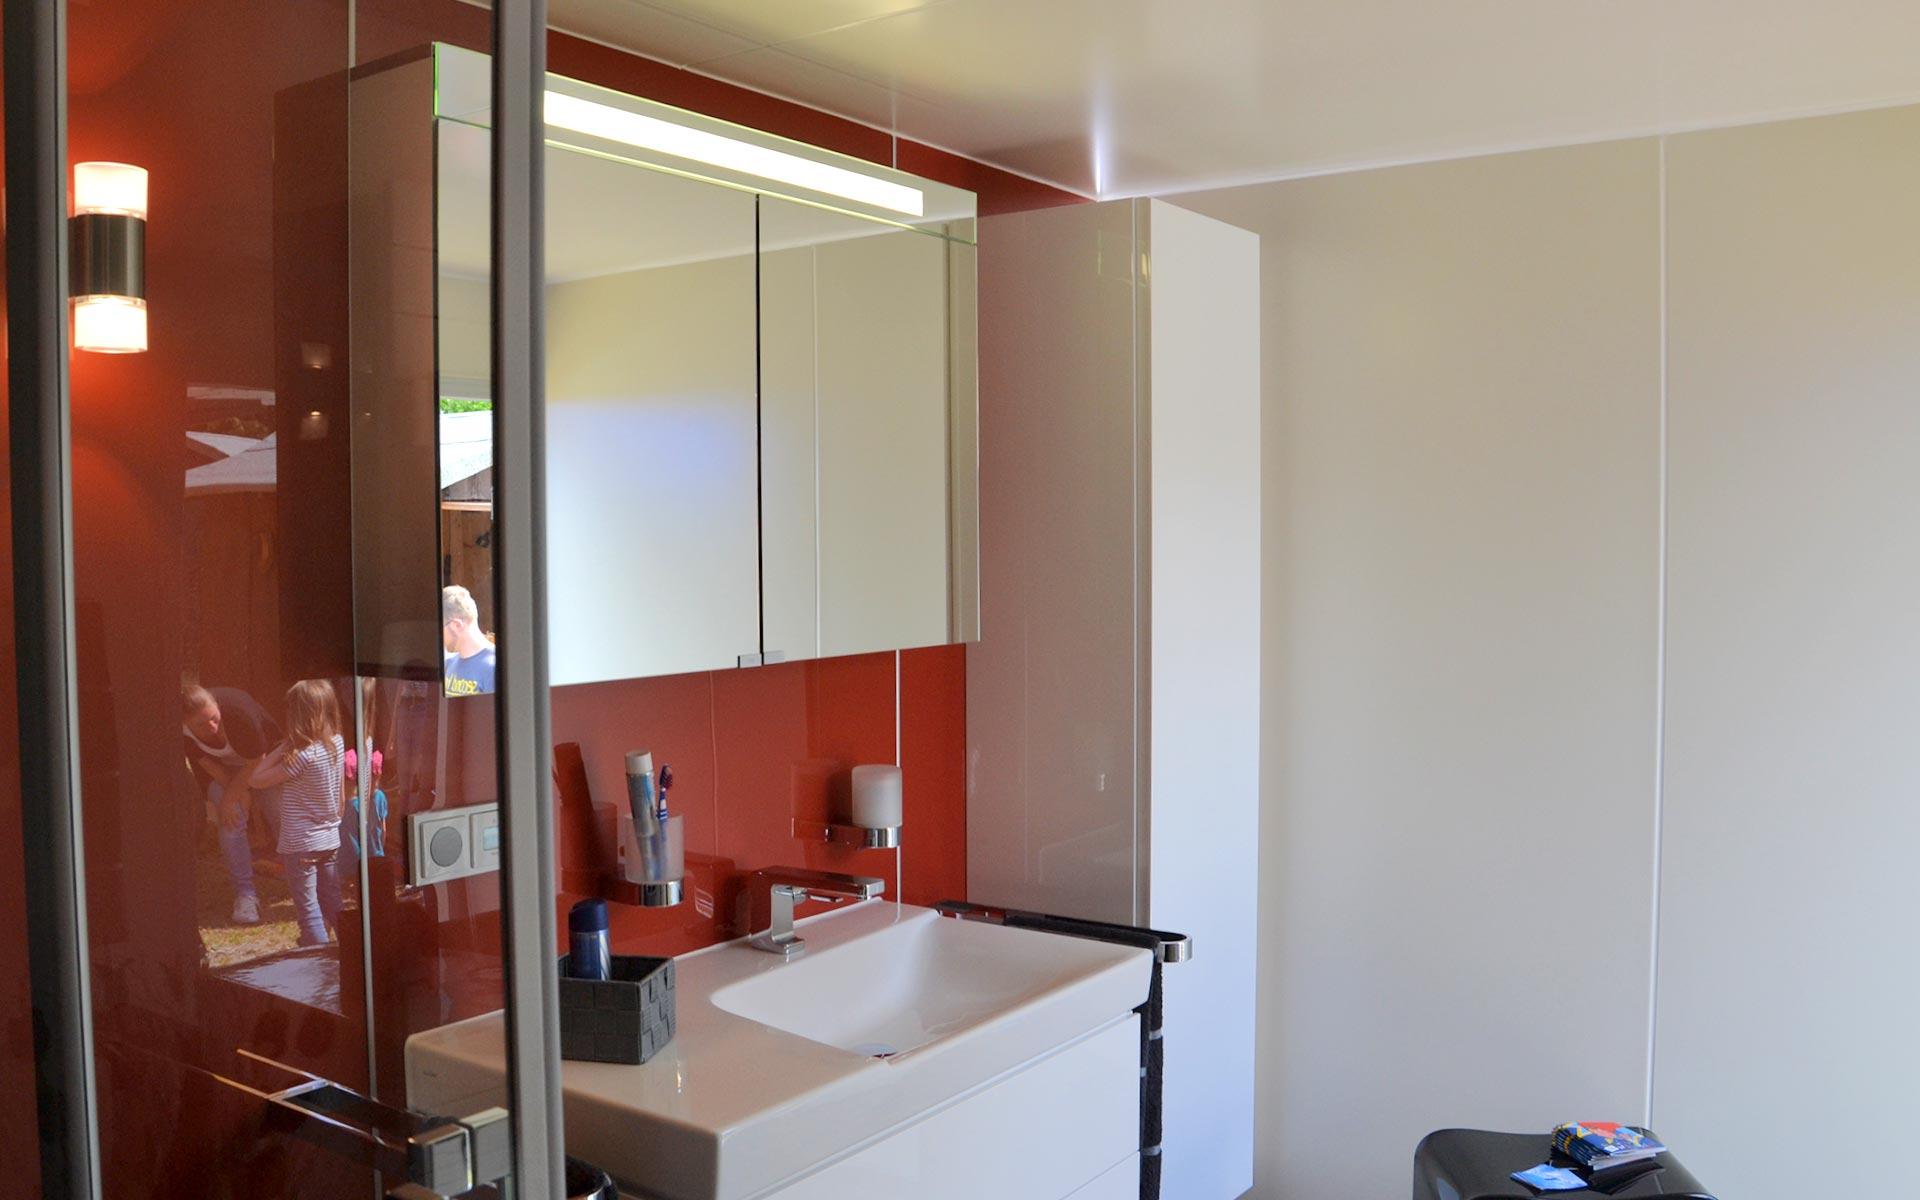 Mobibad Hängeschrank, Spiegelschrank und Waschtisch